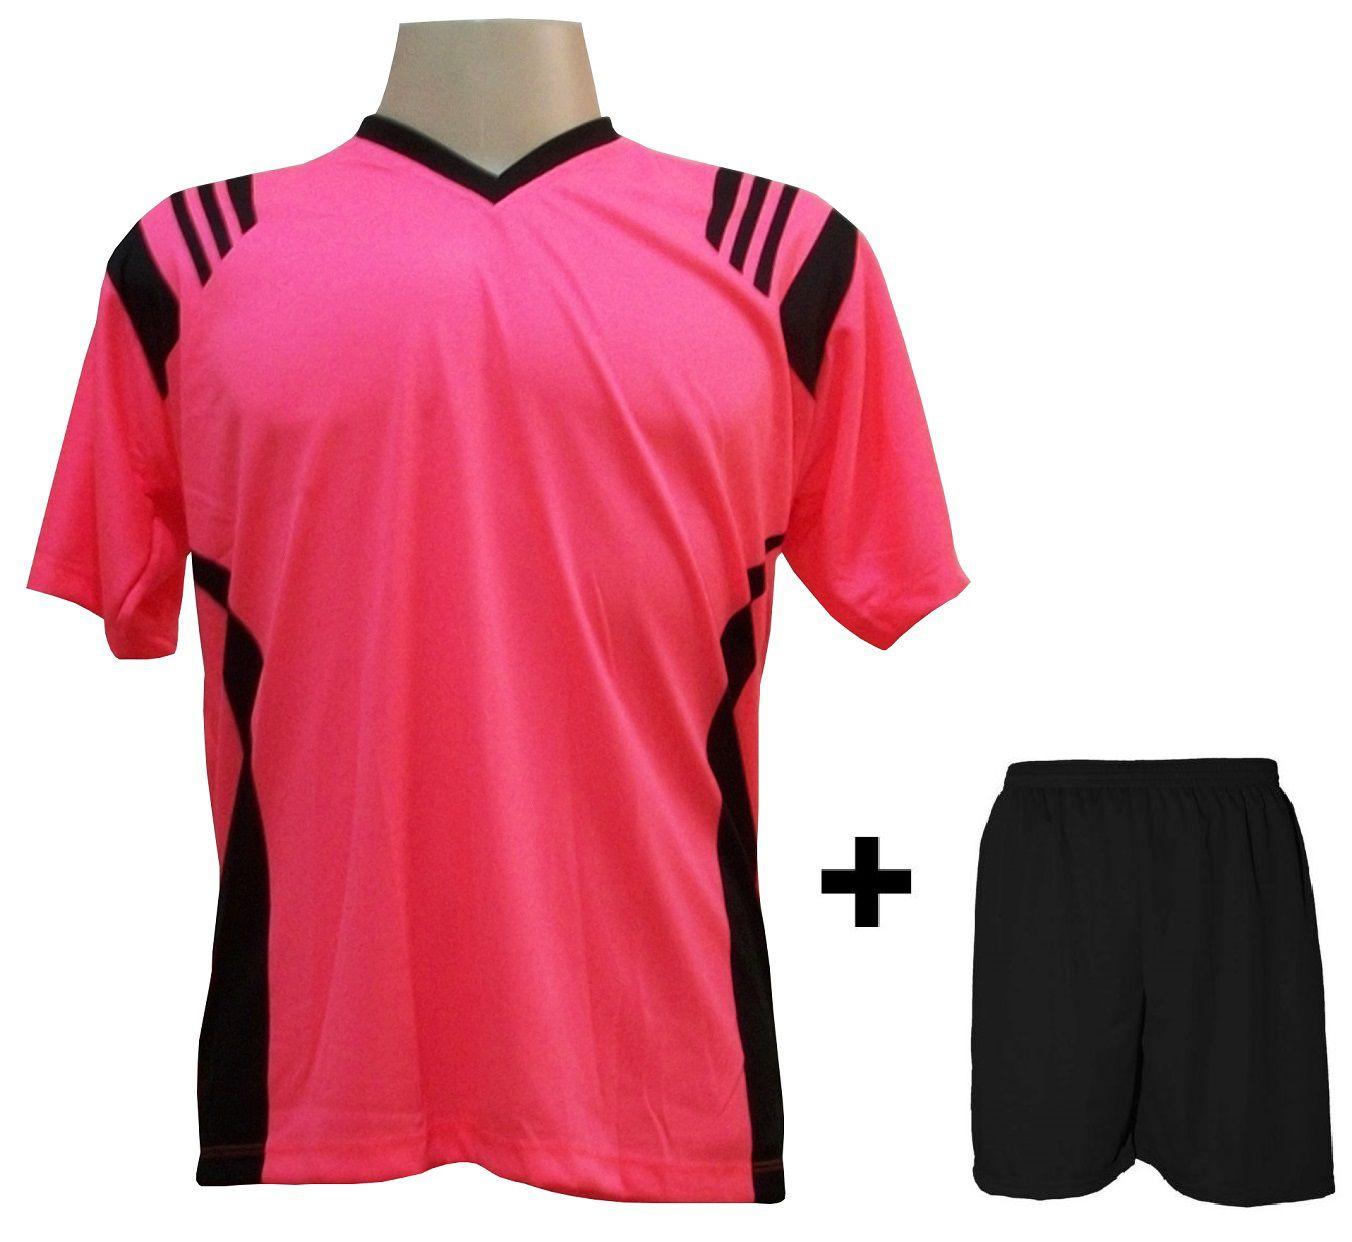 ea12e255b3 Uniforme Esportivo com 18 camisas modelo Roma Rosa Preto + 18 calções modelo  Madrid + 1 Goleiro + Brindes